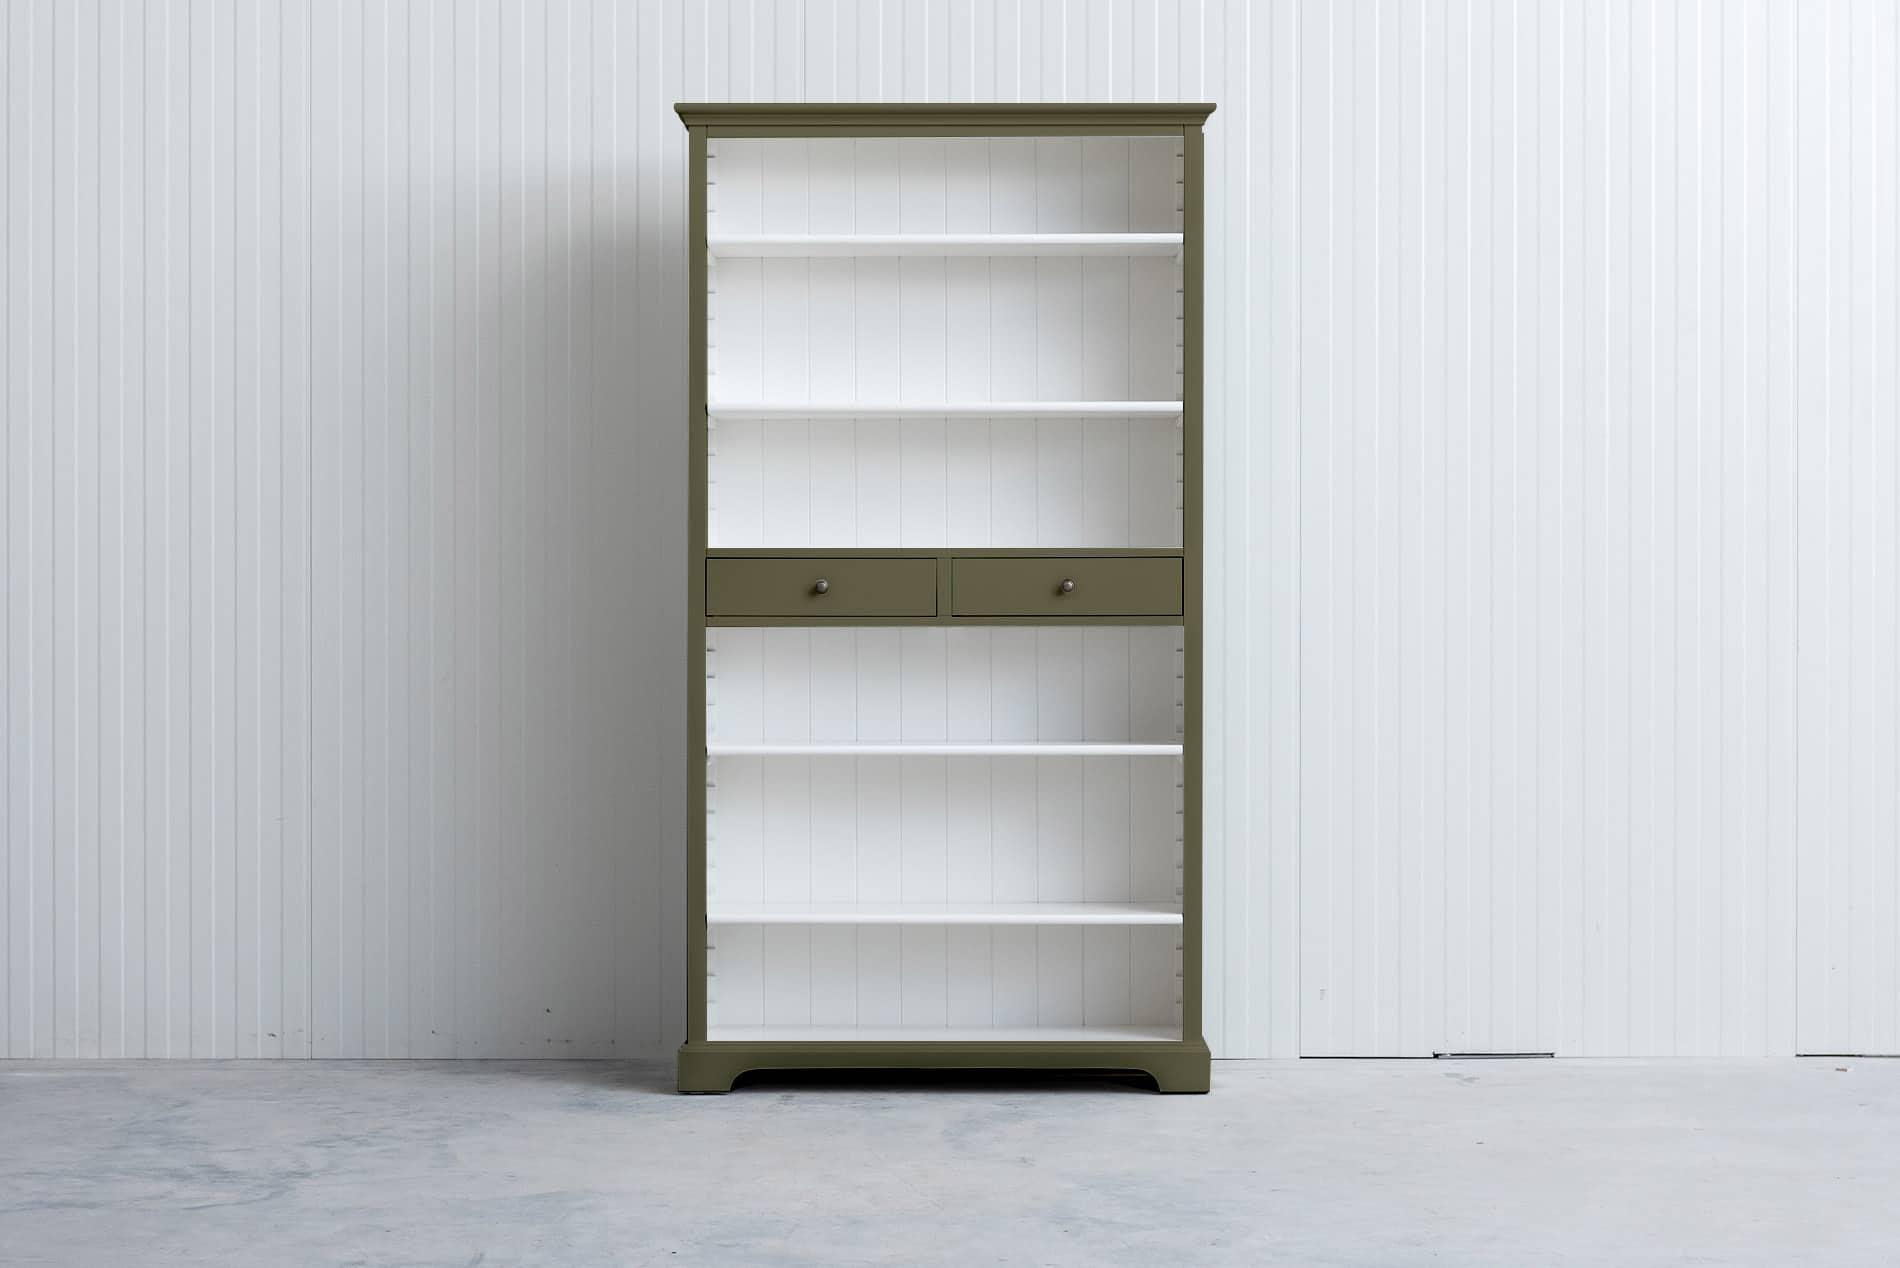 Landelijke boekenkast 1m – Rietgroen – RAL6013